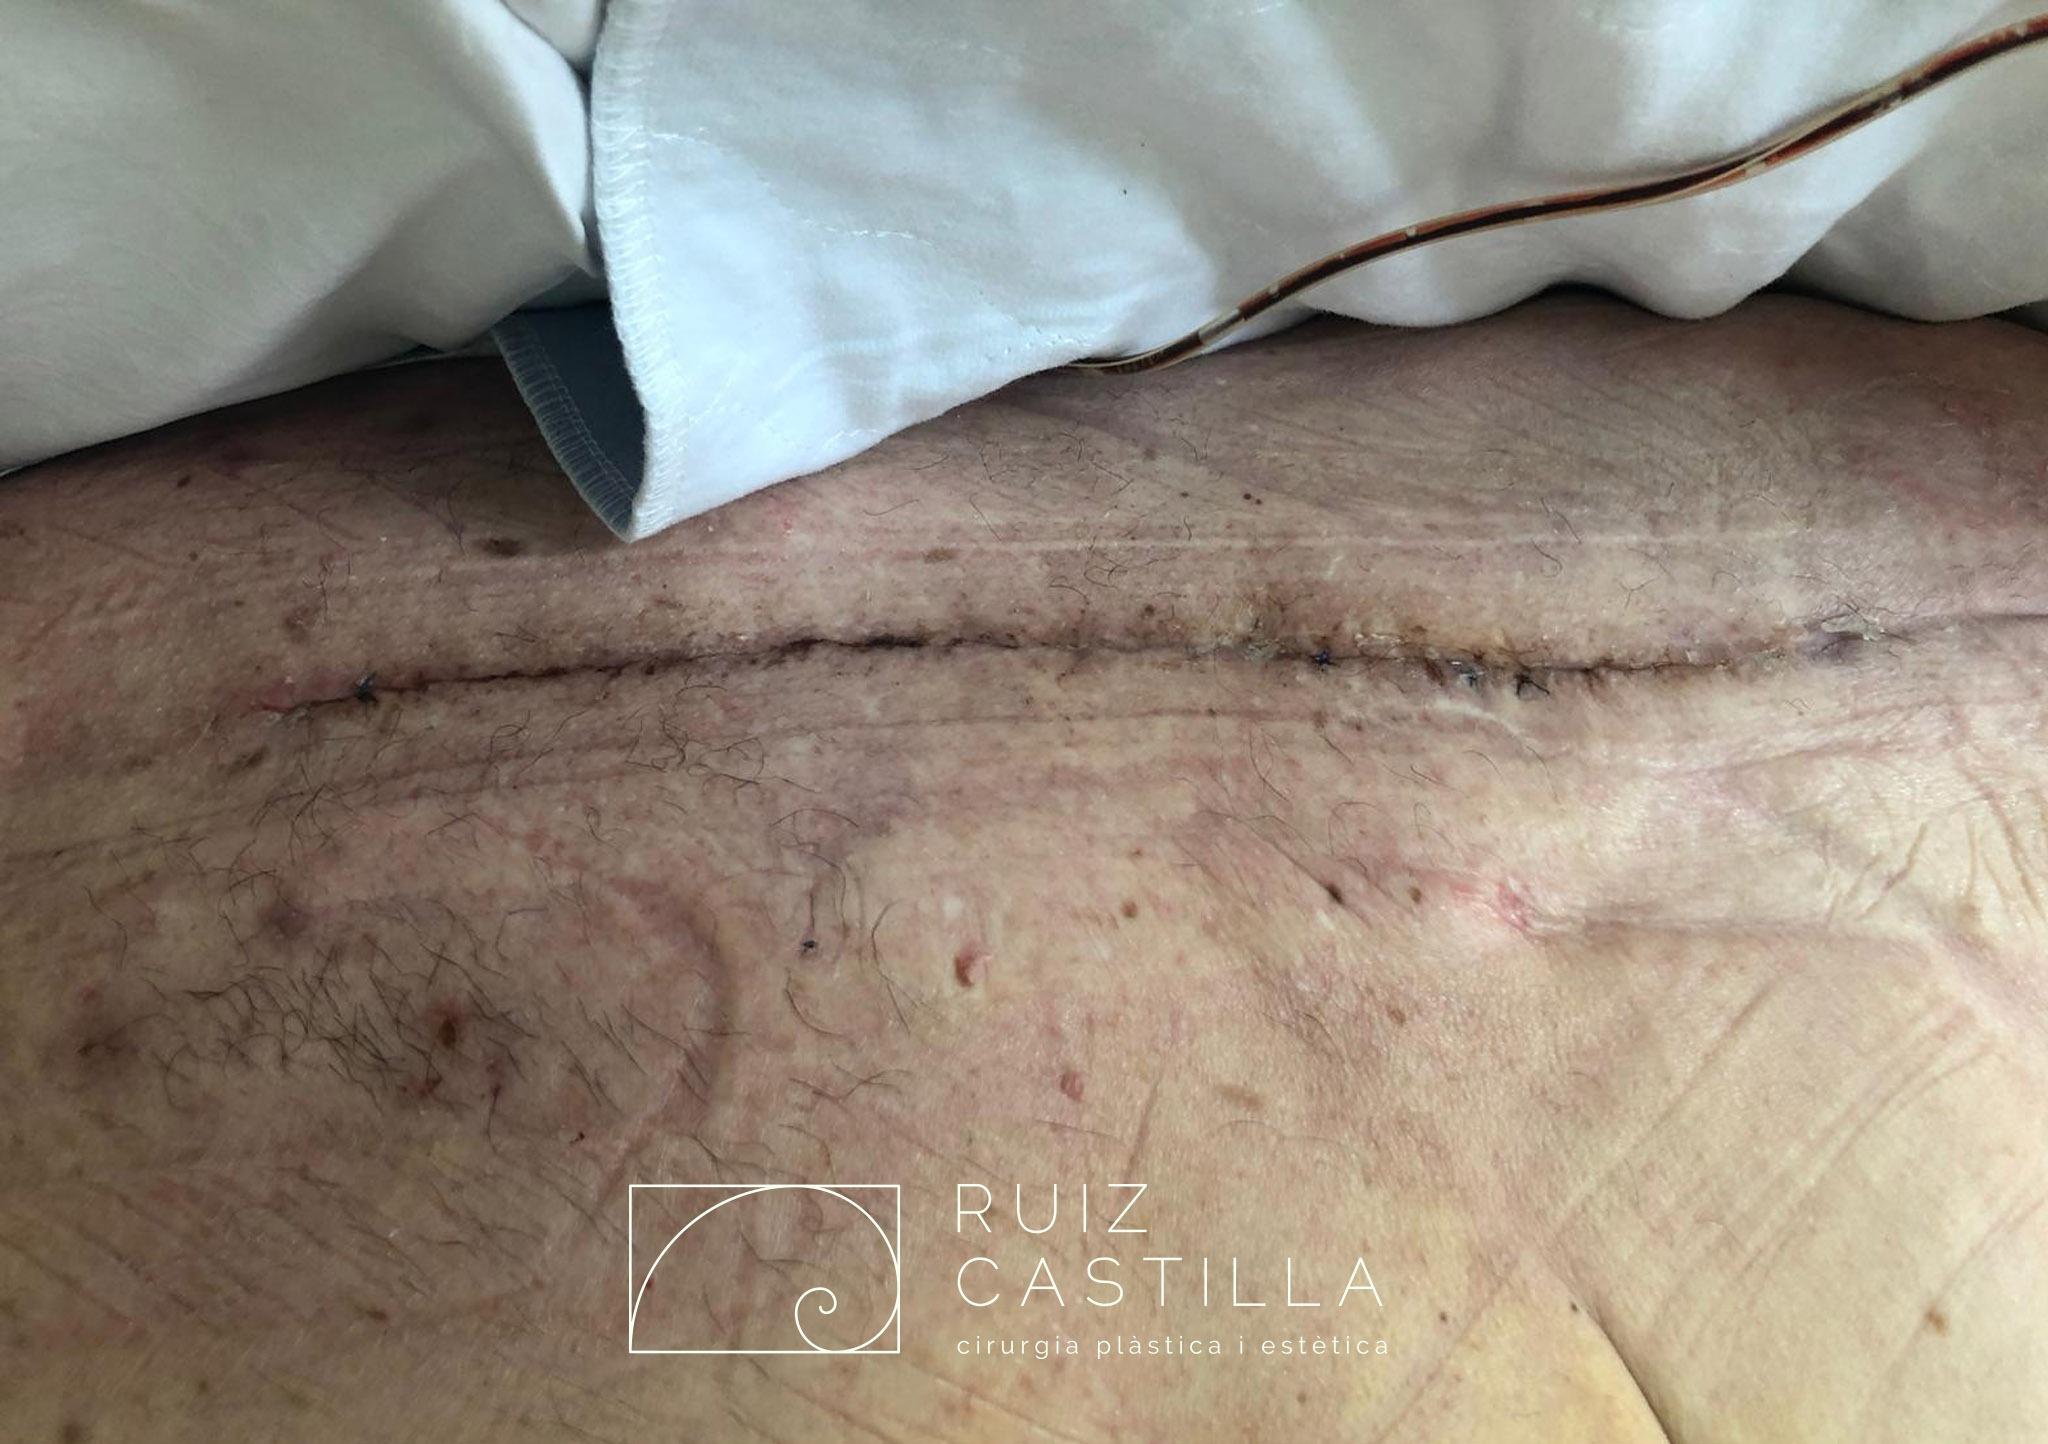 Herida quirúrgica completamente cicatrizada